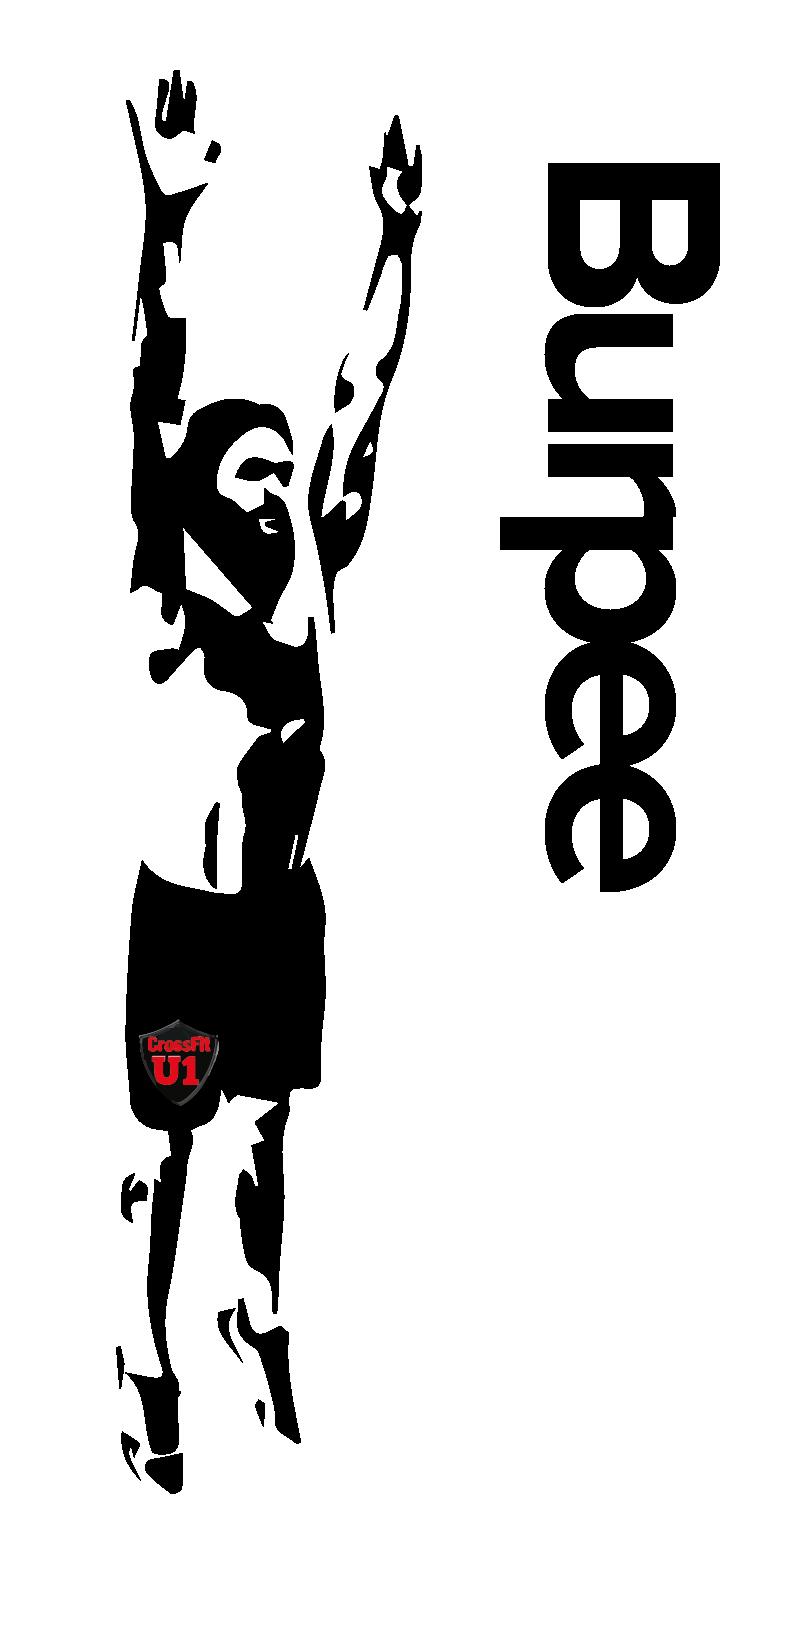 Burpee Bazen - rood_Tekengebied 1 kopie 4